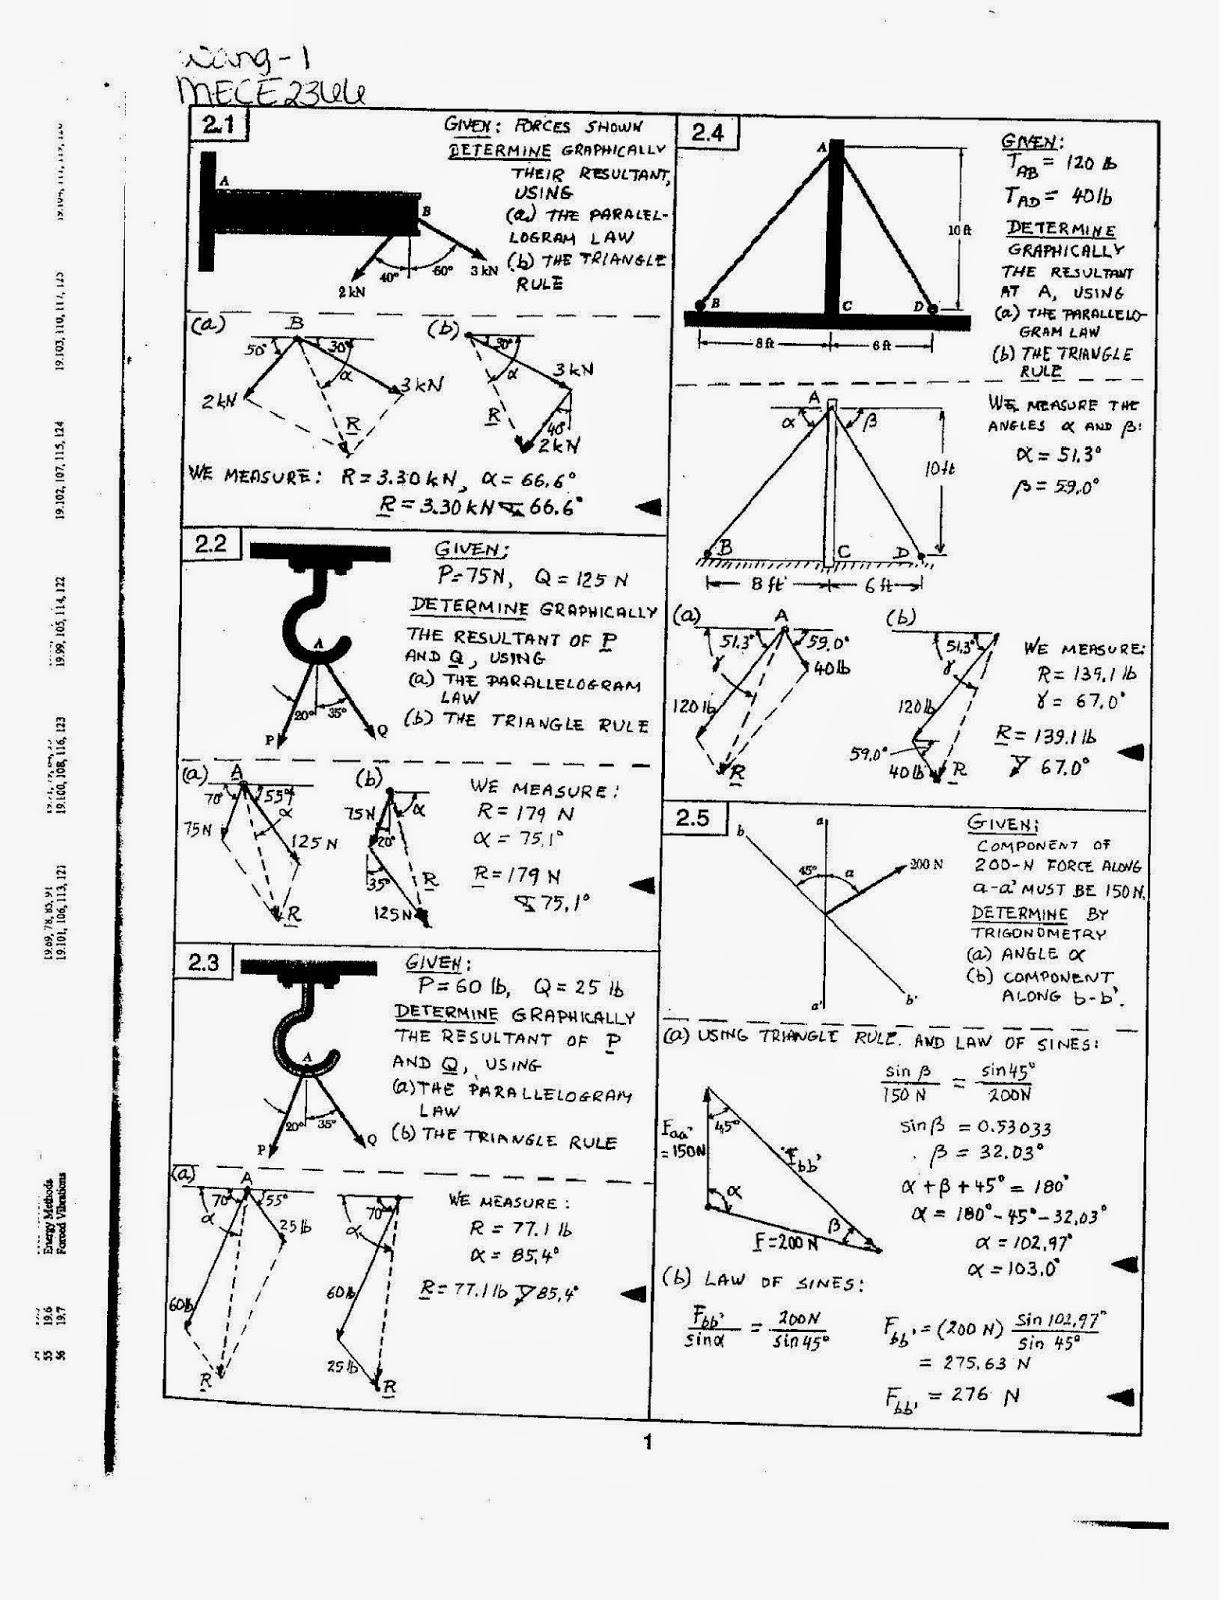 Libros Para Ingenieros Descargar Solucionario De Mecanica